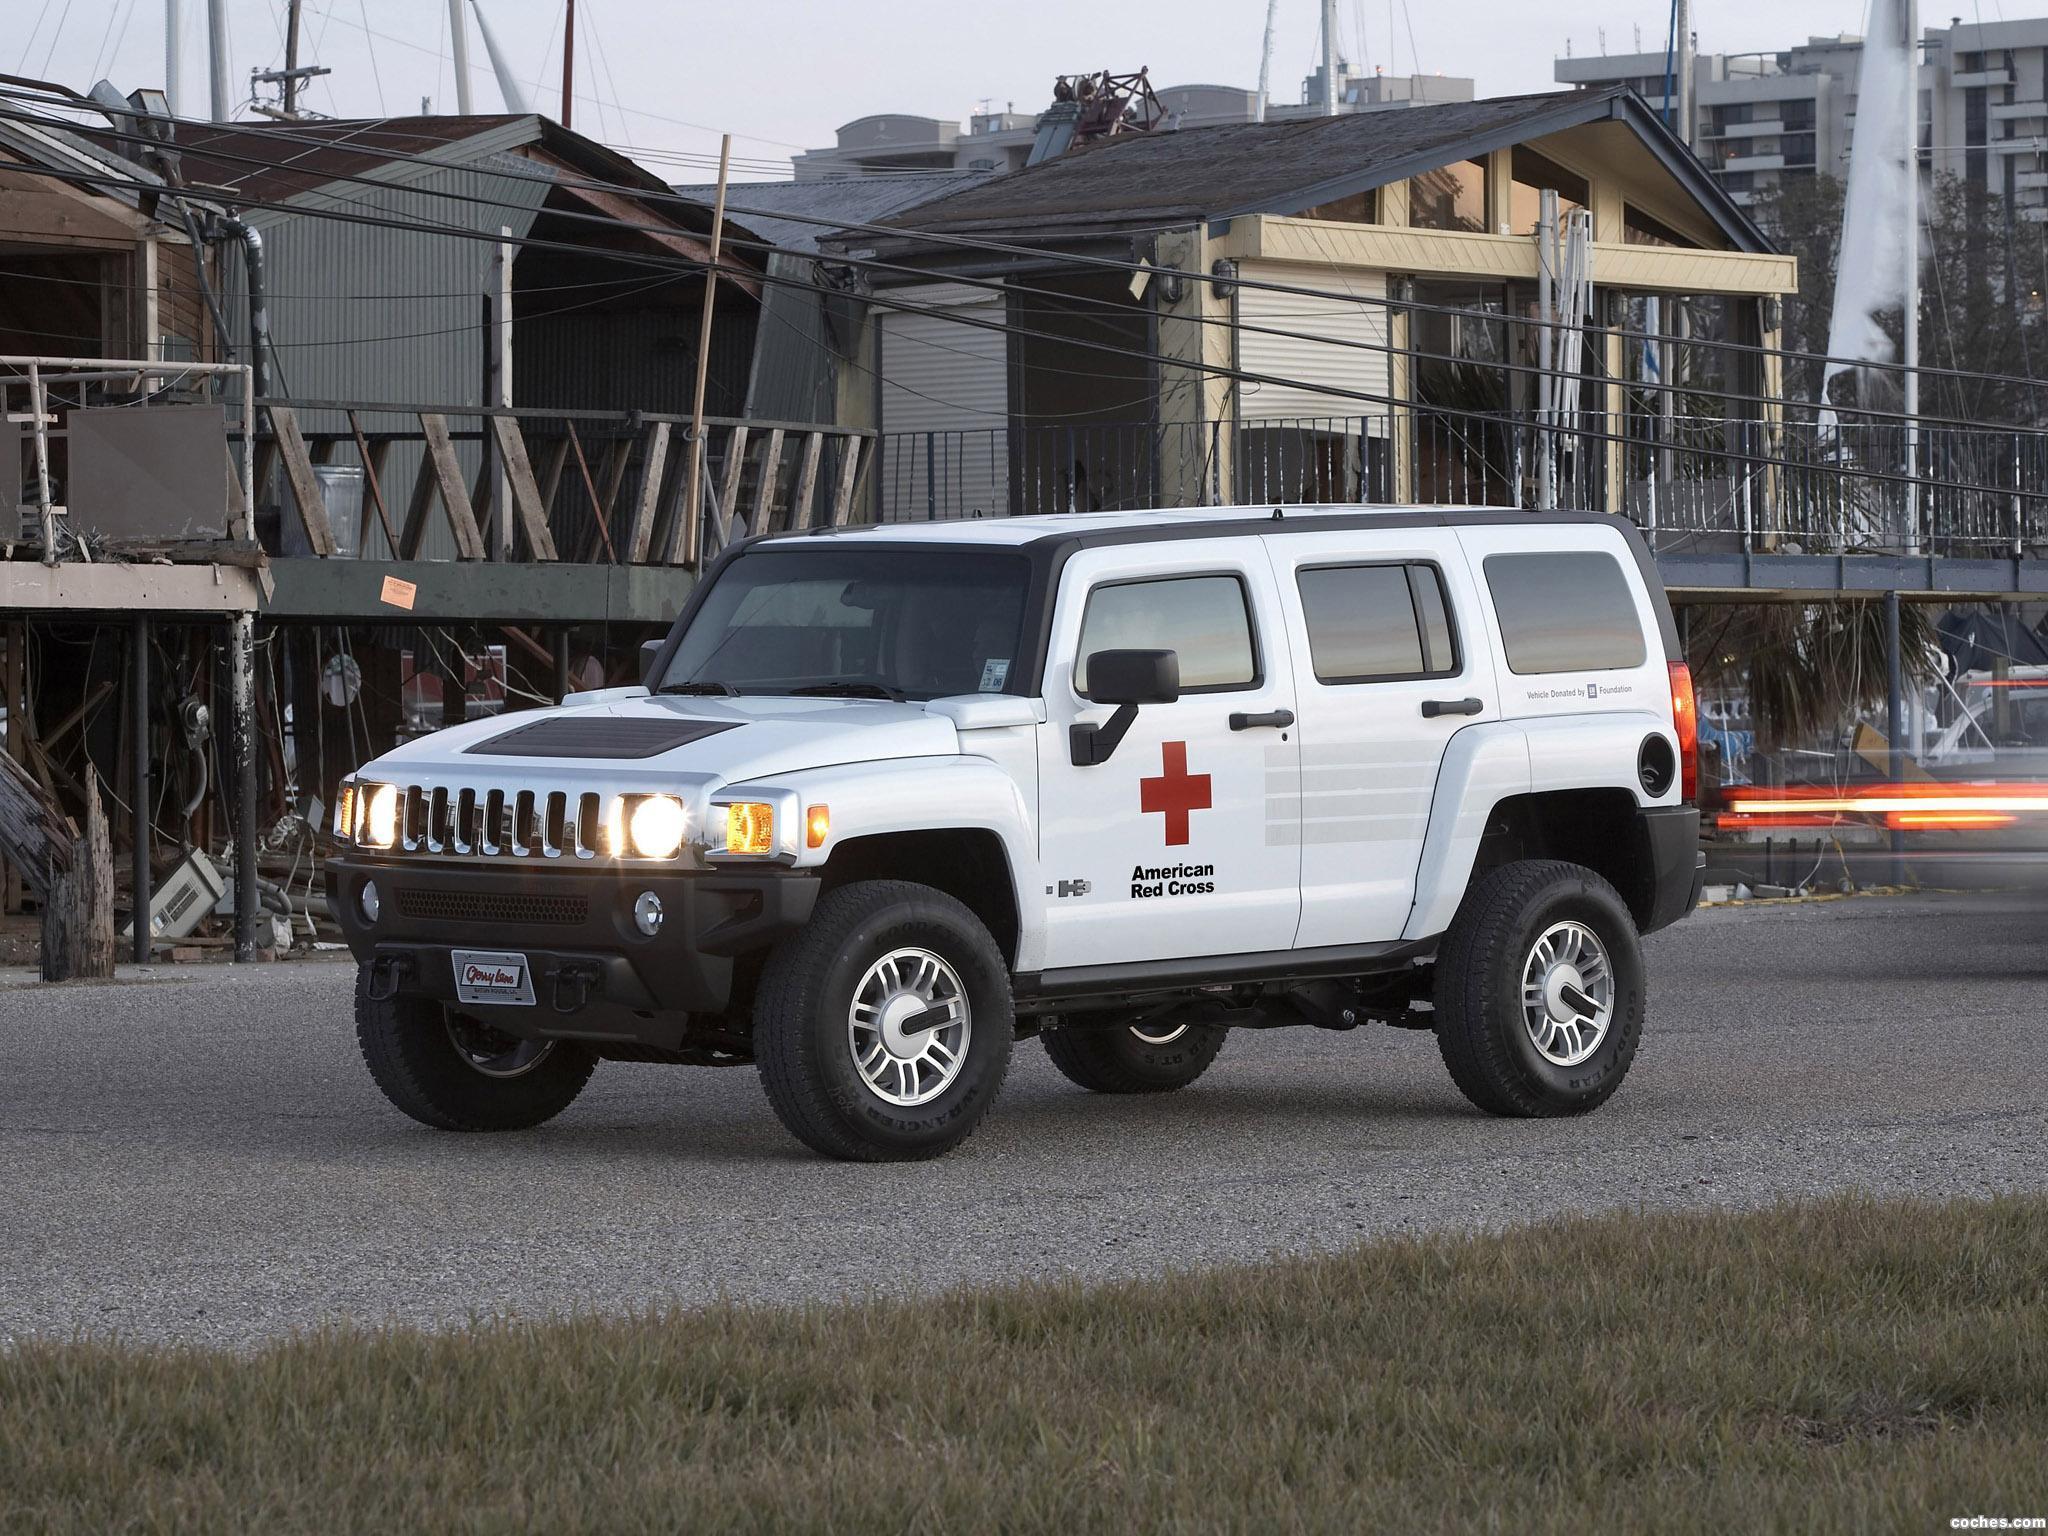 Foto 2 de Hummer H3 AMR American Red Cross 2006